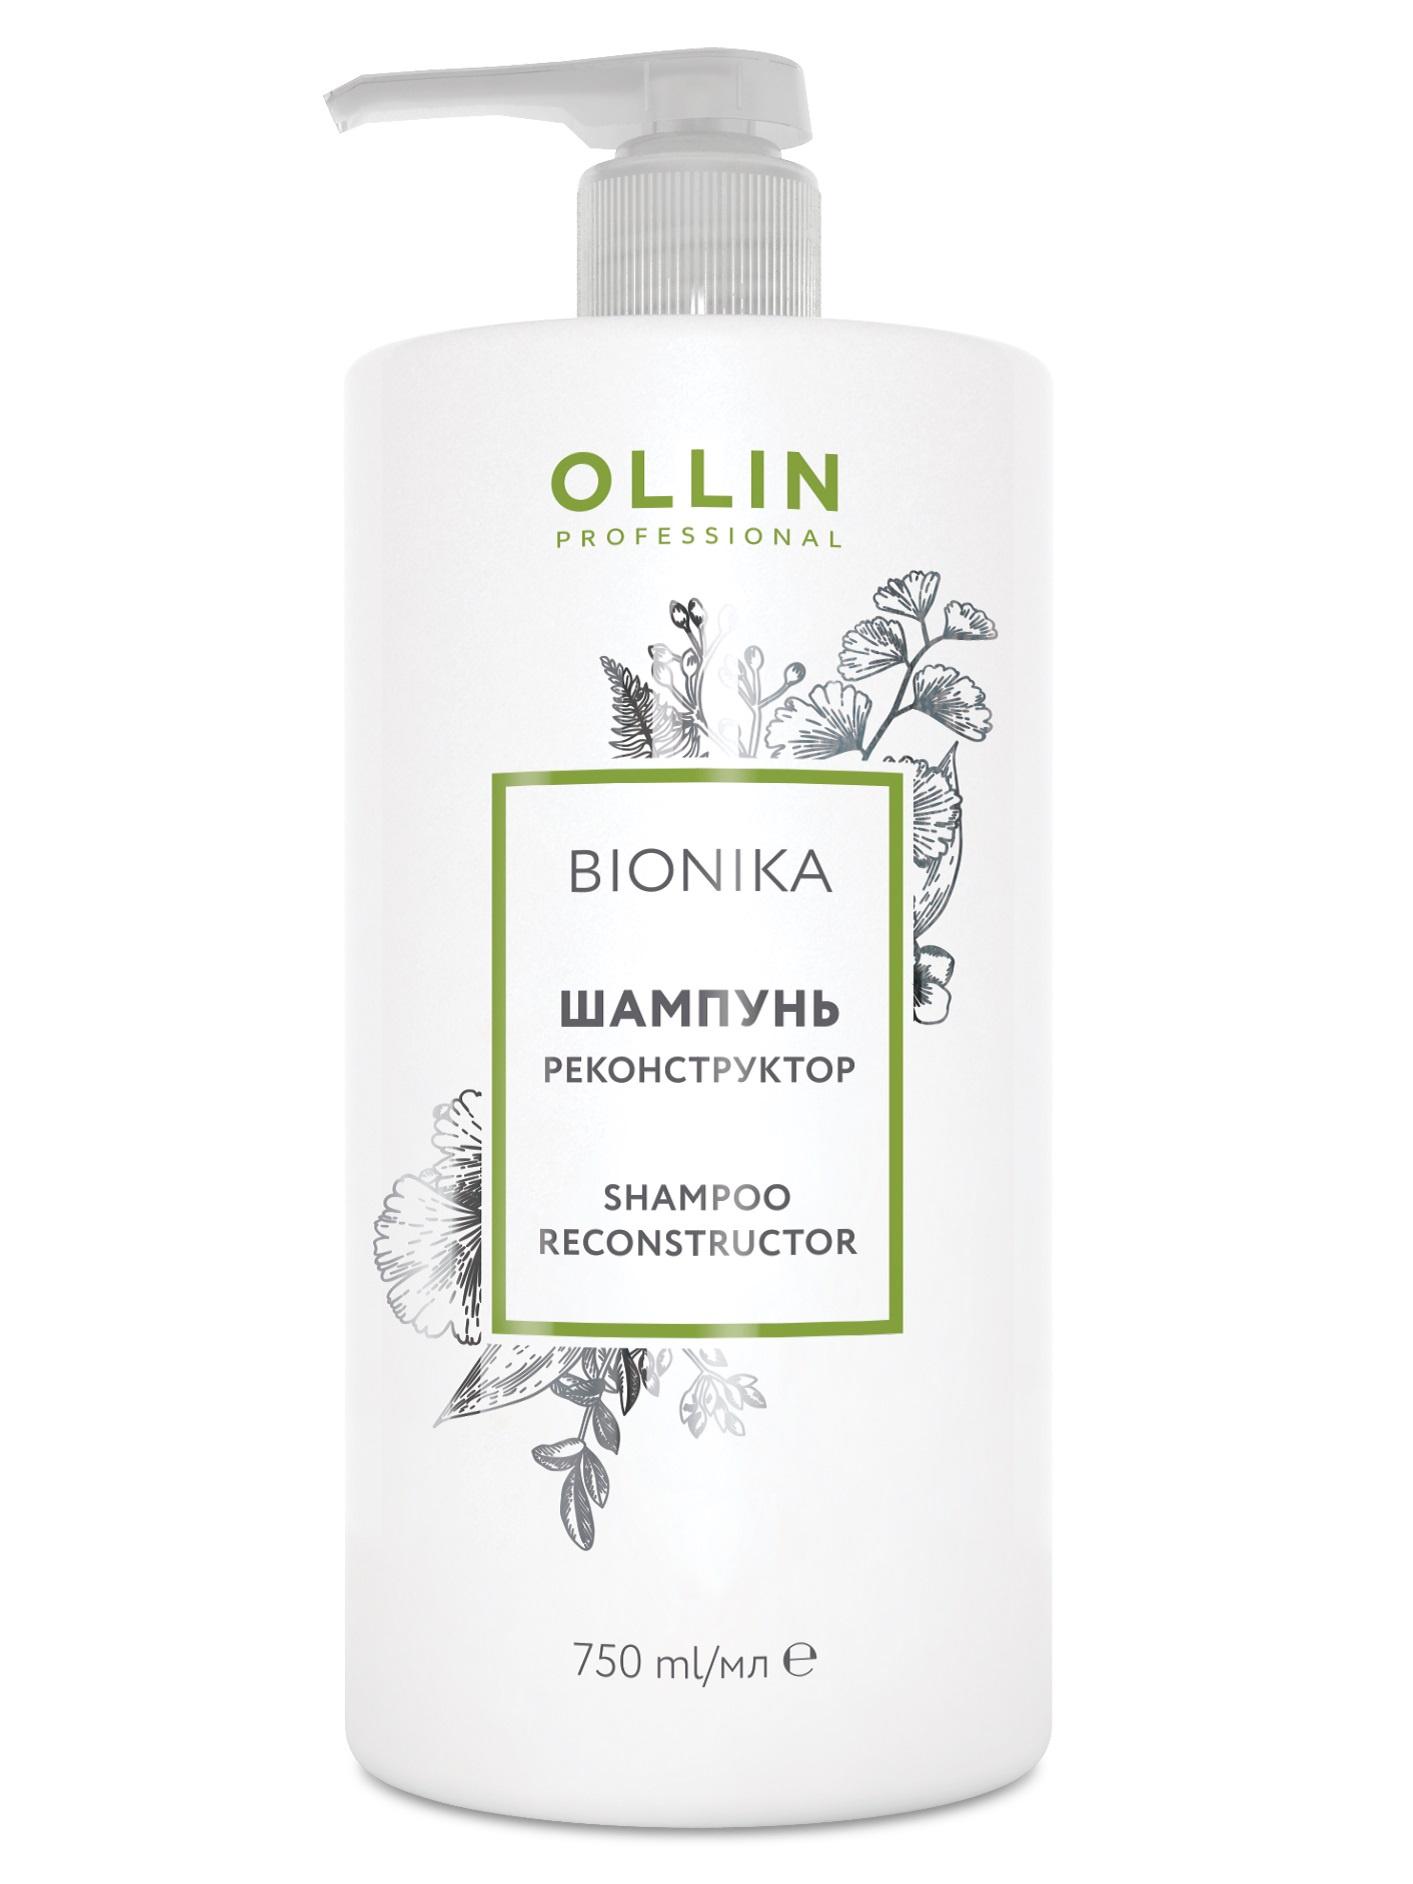 Шампунь для волос OLLIN PROFESSIONAL BIONIKA восстановления реконструктор 750 мл